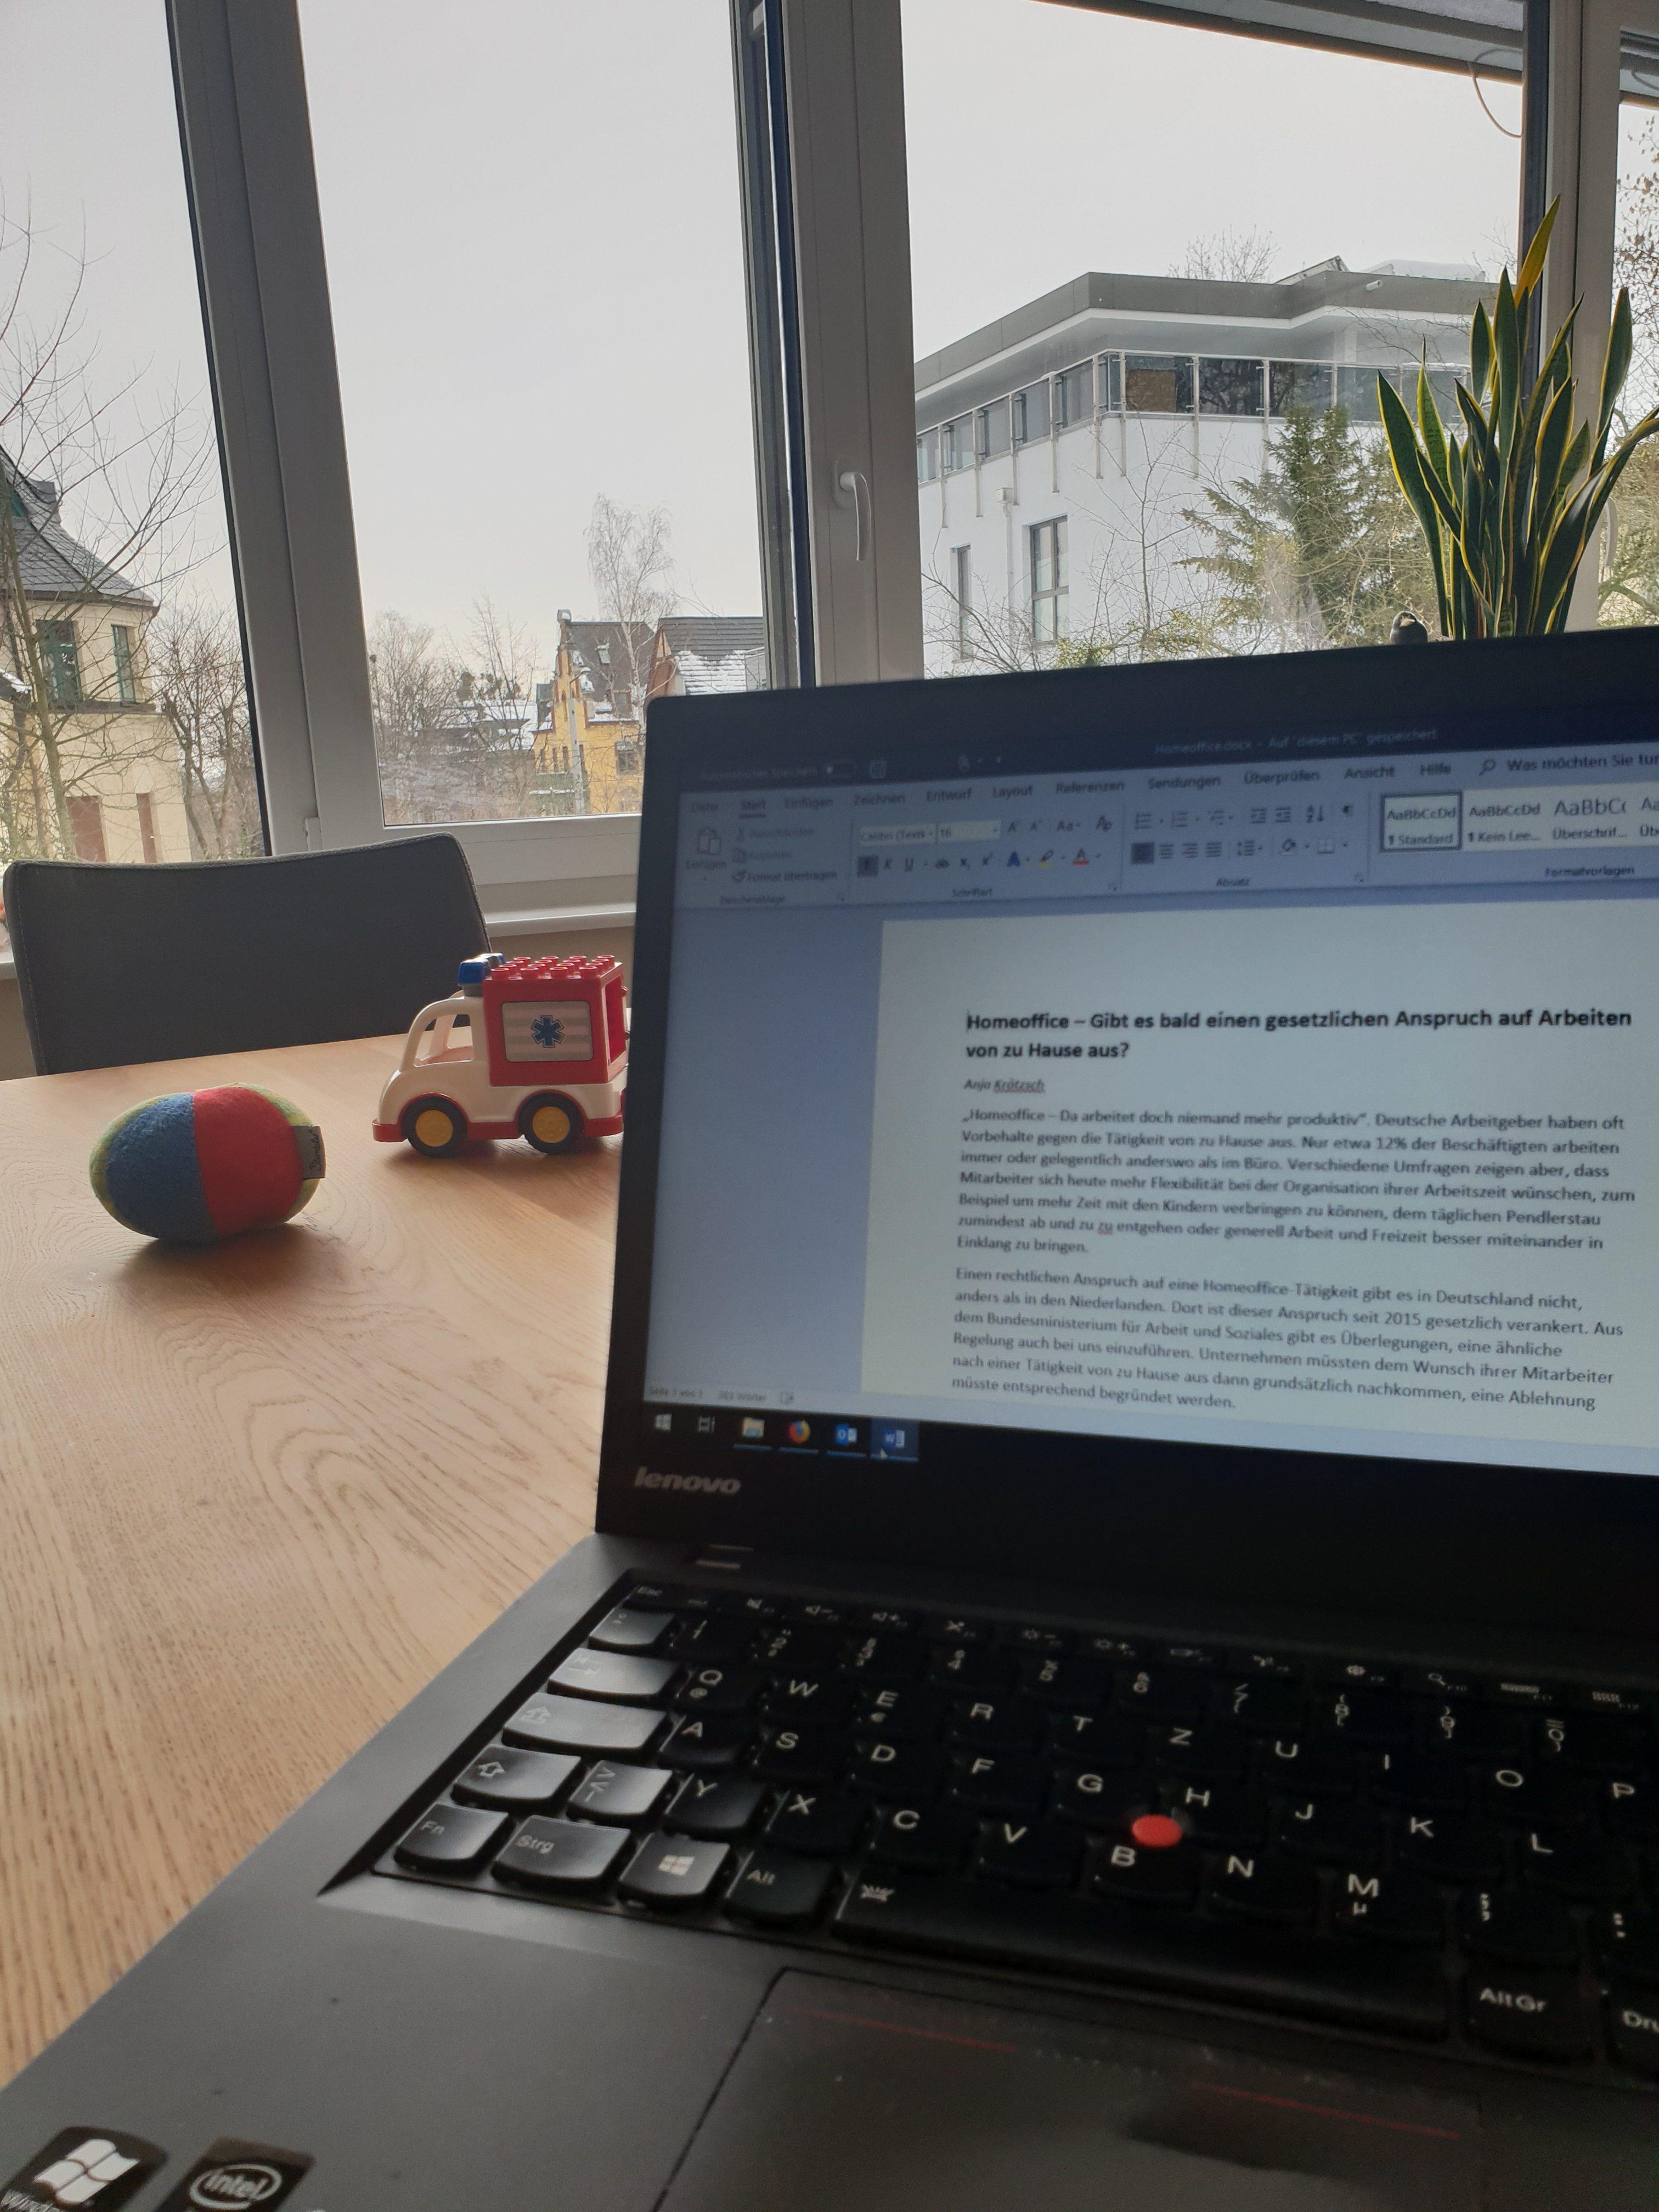 Homeoffice – Gibt es bald einen gesetzlichen Anspruch auf Arbeiten von zu Hause aus?